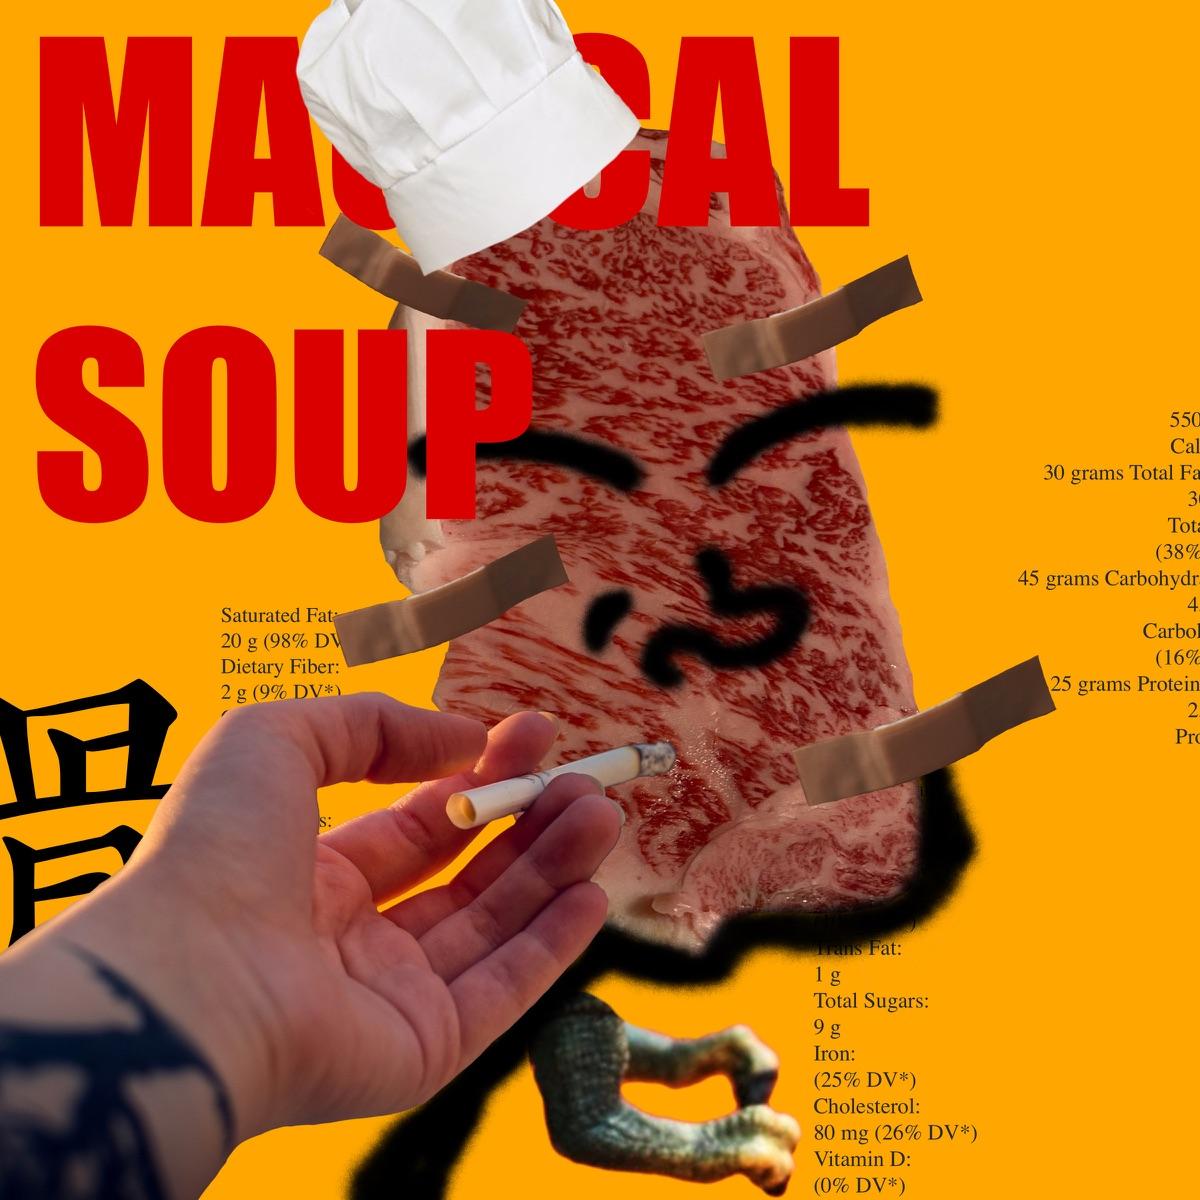 『WurtS - 解夏』収録の『MAGICAL SOUP』ジャケット